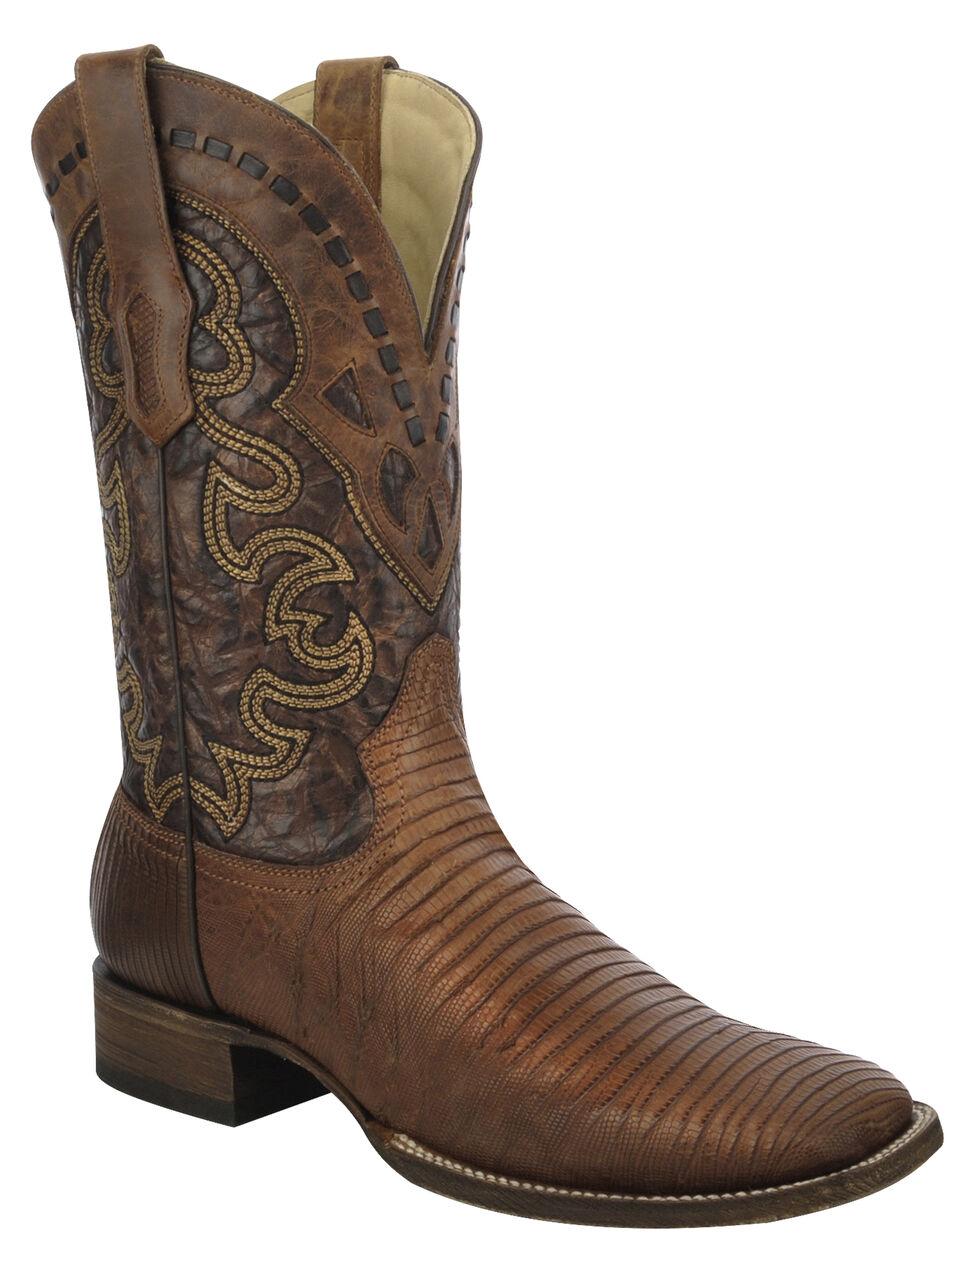 Corral Lizard Cowboy Boots - Wide Square Toe, Tan, hi-res